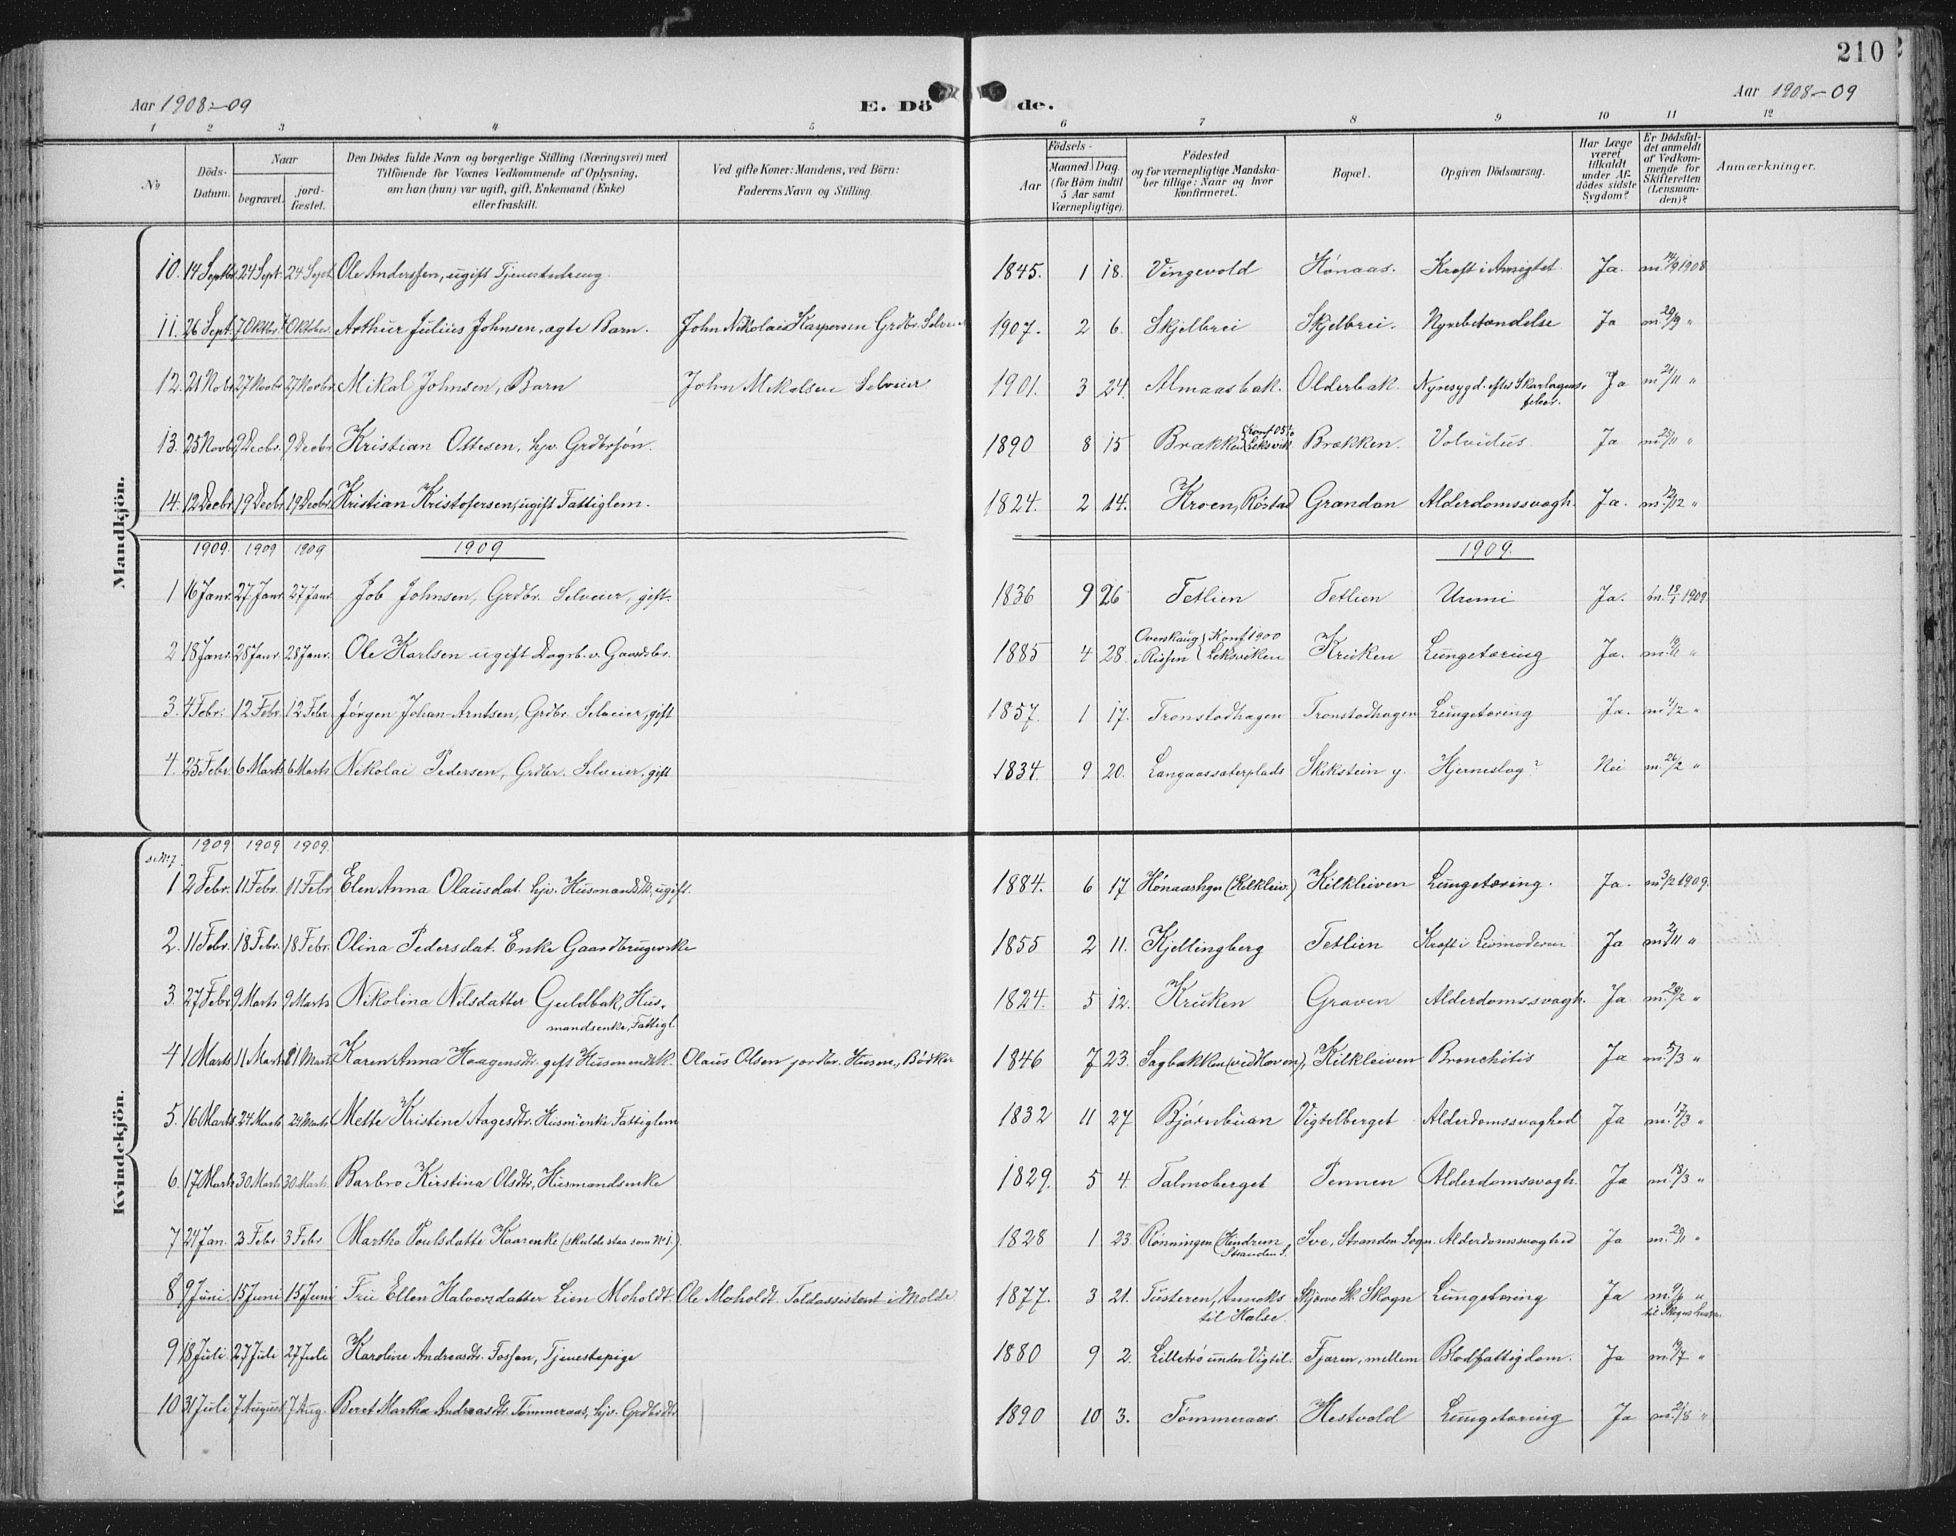 SAT, Ministerialprotokoller, klokkerbøker og fødselsregistre - Nord-Trøndelag, 701/L0011: Parish register (official) no. 701A11, 1899-1915, p. 210